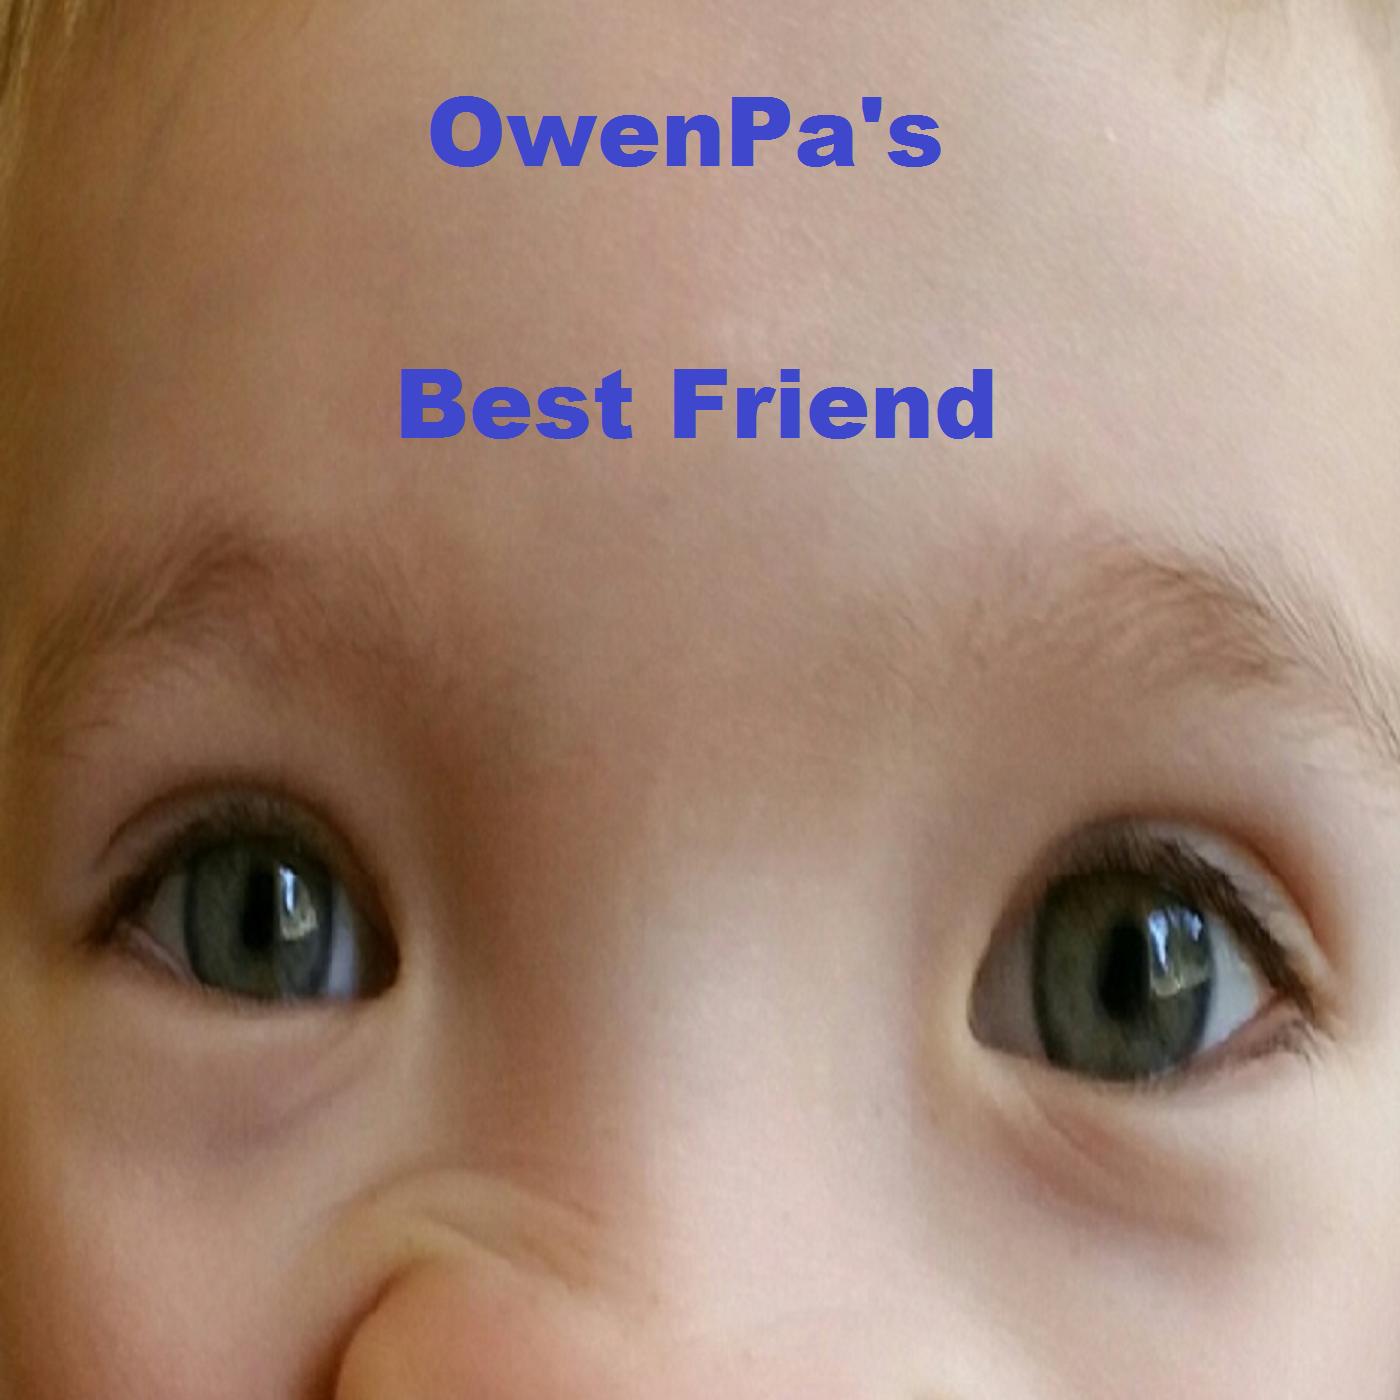 OwenPa